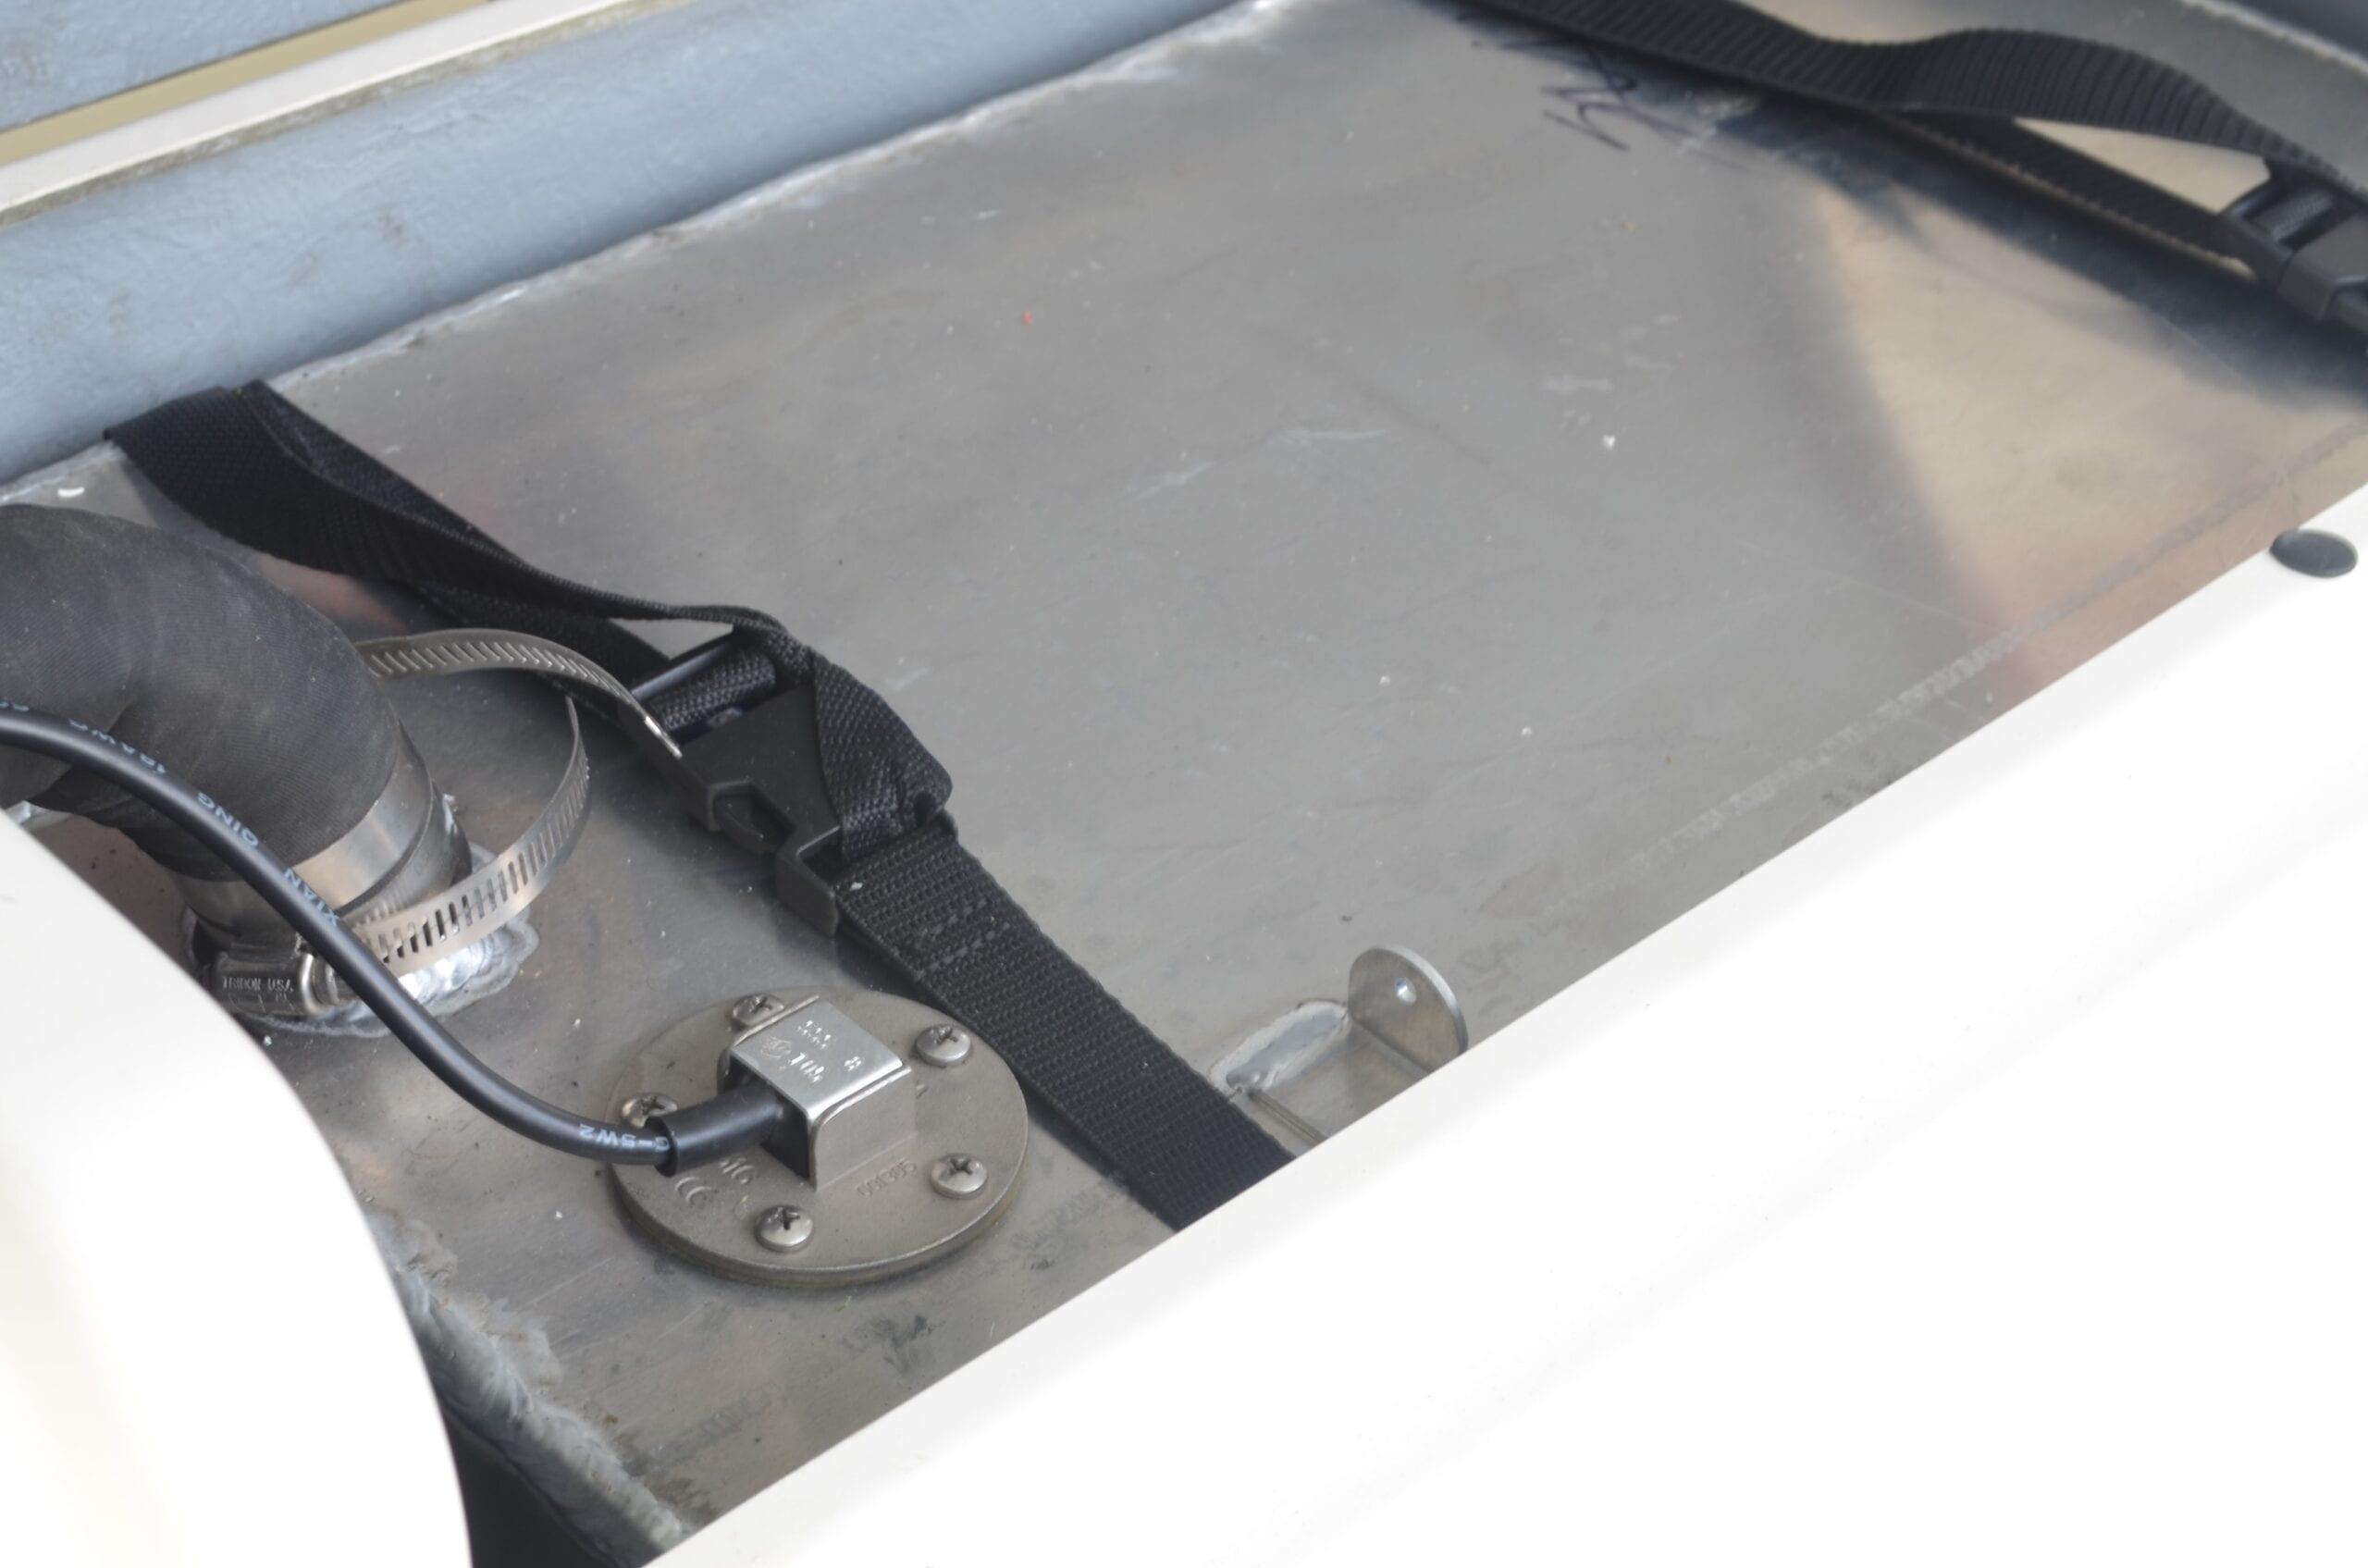 Fuel Level Sender Installed on Aluminum Tank